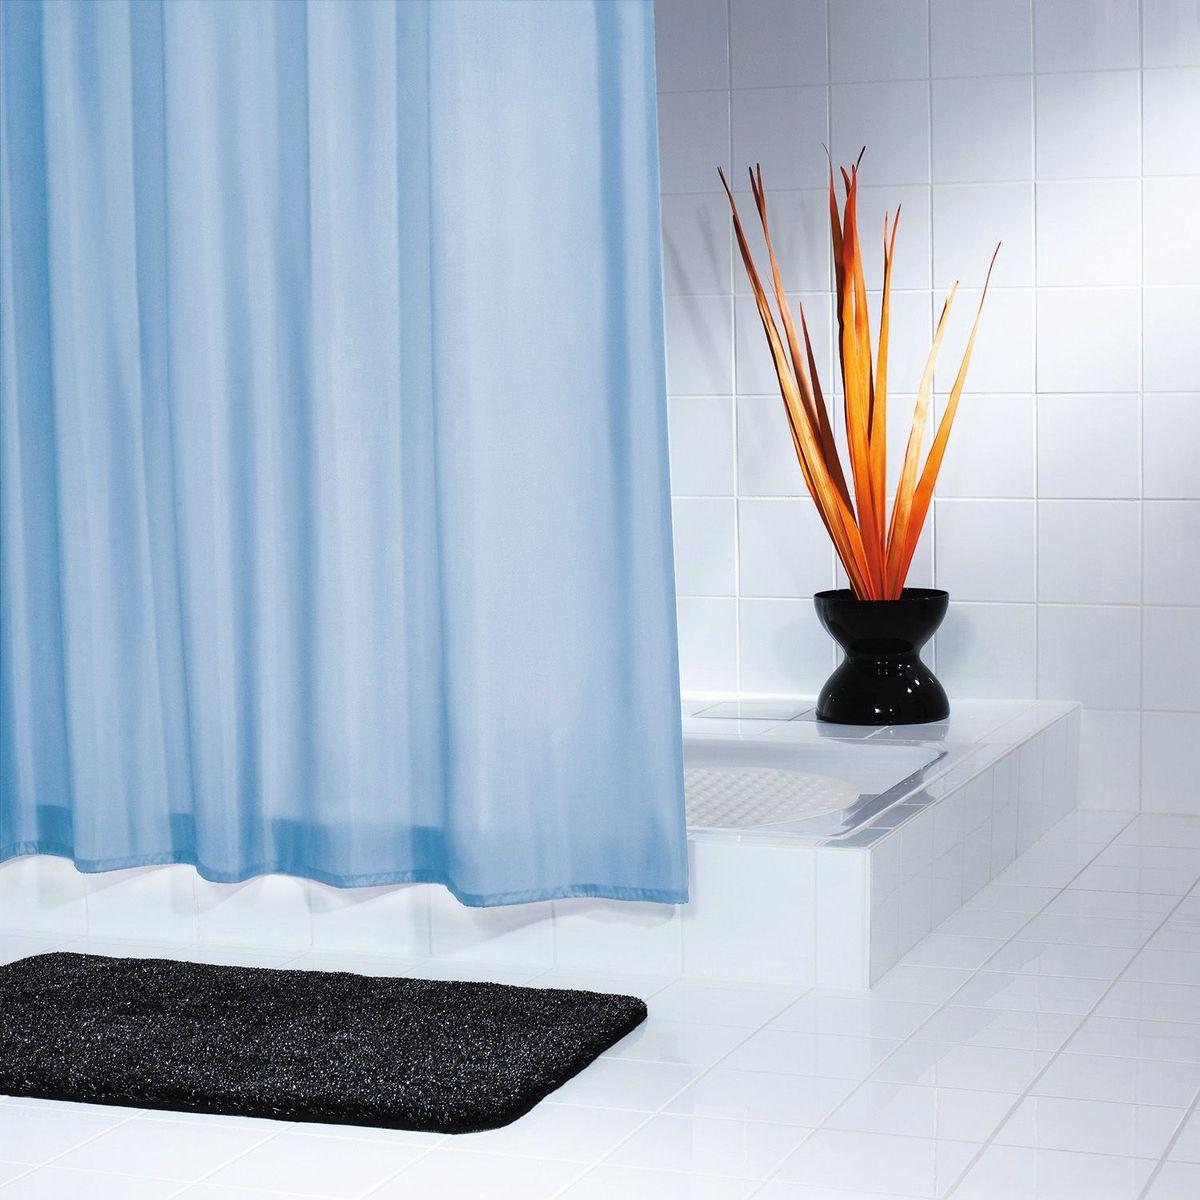 Штора для ванной комнаты Ridder Uni, цвет: голубой, 180 х 200 см